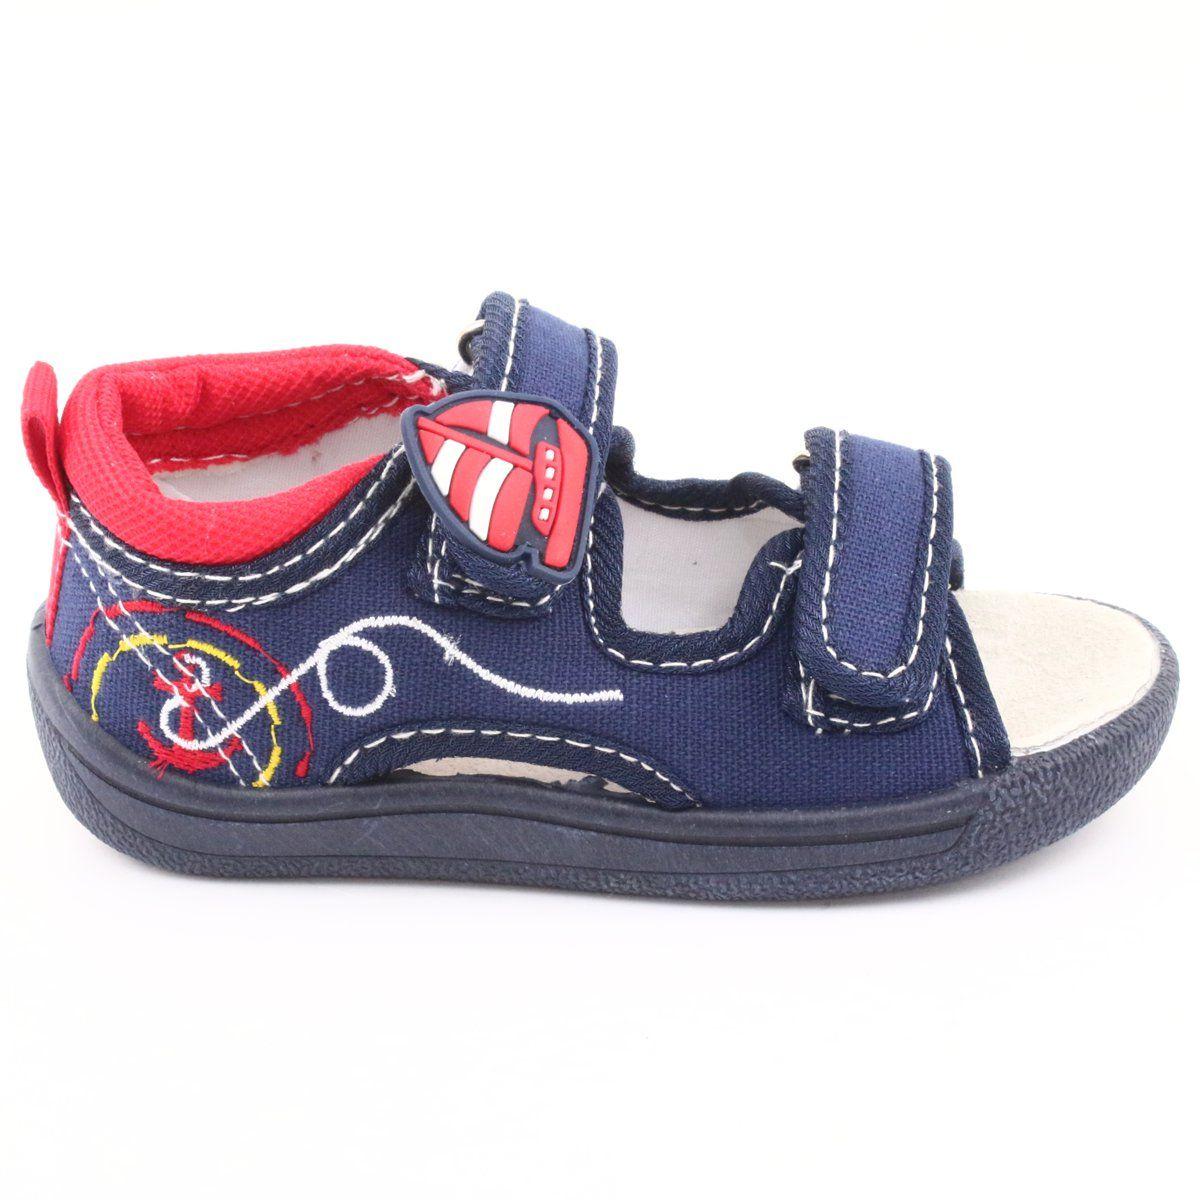 American Club Granatowe Sandalki Dzieciece Ten36 Nike Air Force Sneaker Baby Shoes Air Force Sneakers